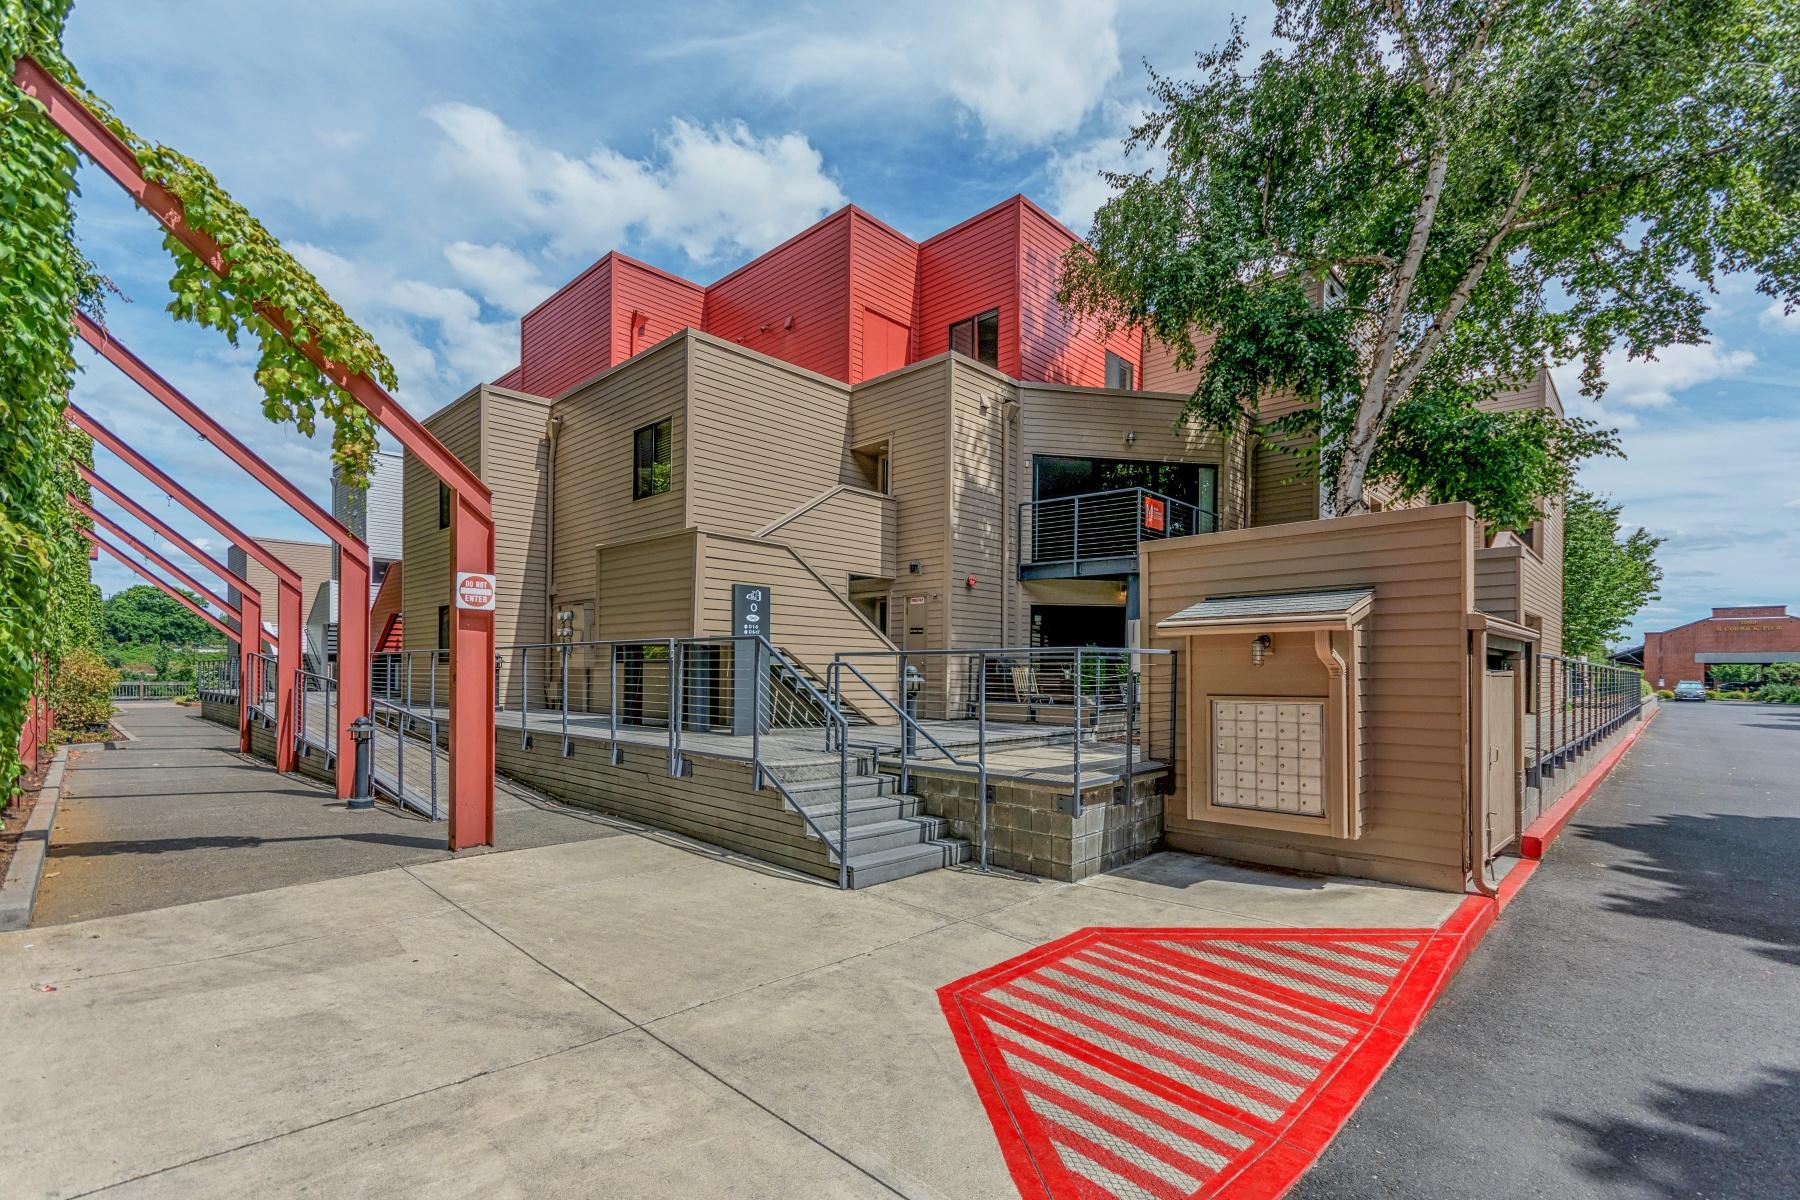 Nhà chung cư vì Bán tại 1040 NAITO PKWY 011, PORTLAND 1040 NW NAITO Pkwy 011 Portland, Oregon 97209 Hoa Kỳ